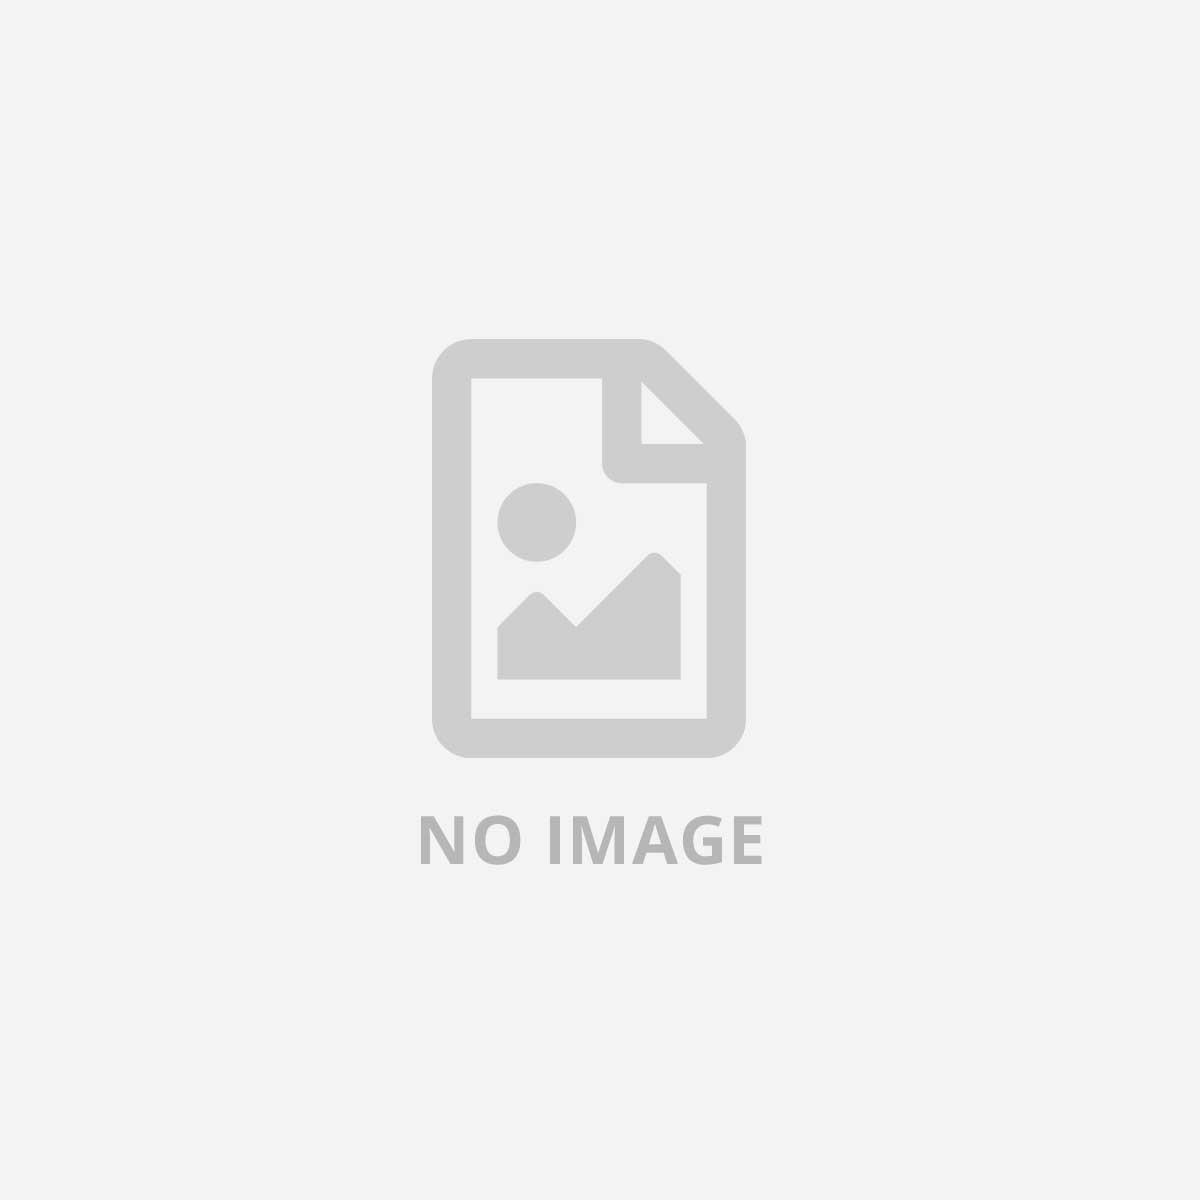 APPLE IPADPRO 12 WIFI - CELL iPadOS 13 6GB